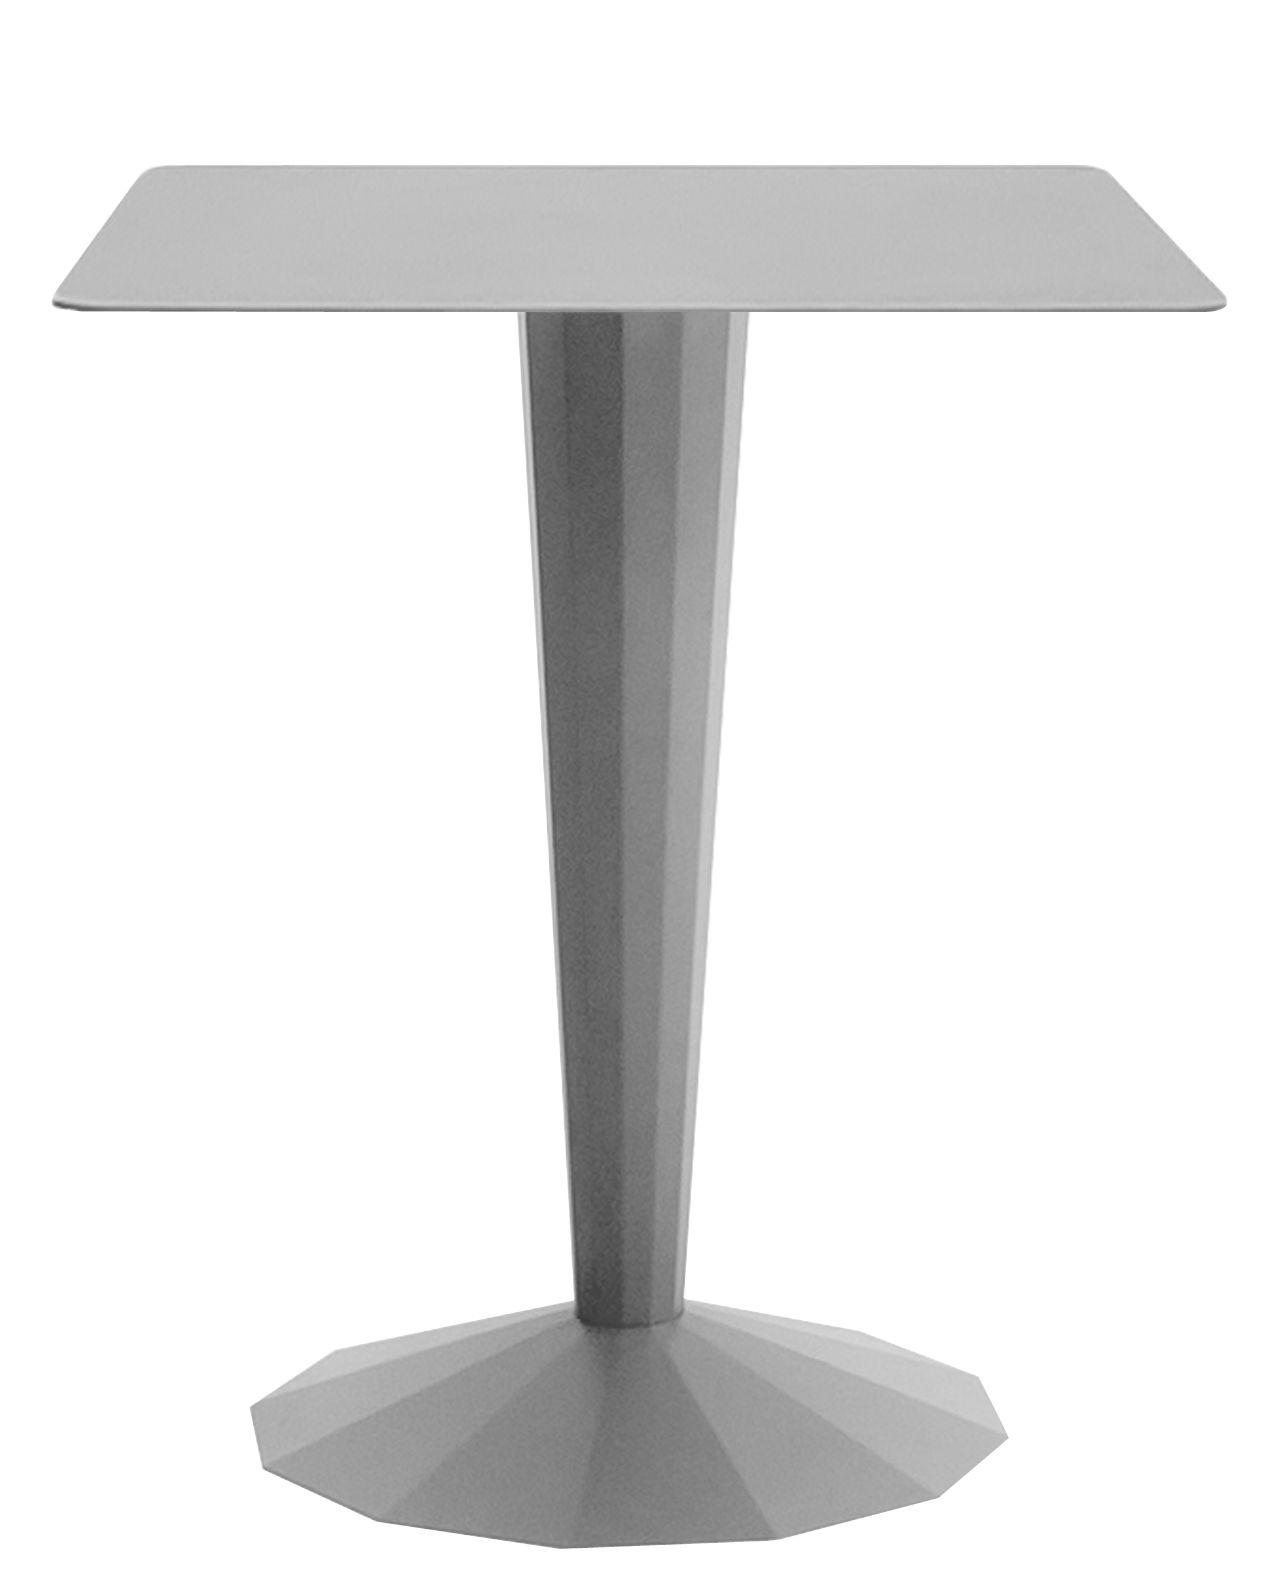 Arredamento - Tavoli - Tavolo quadrato Ankara S - / 70x70 x H 74 cm di Matière Grise - Grigio alluminio - Acciaio